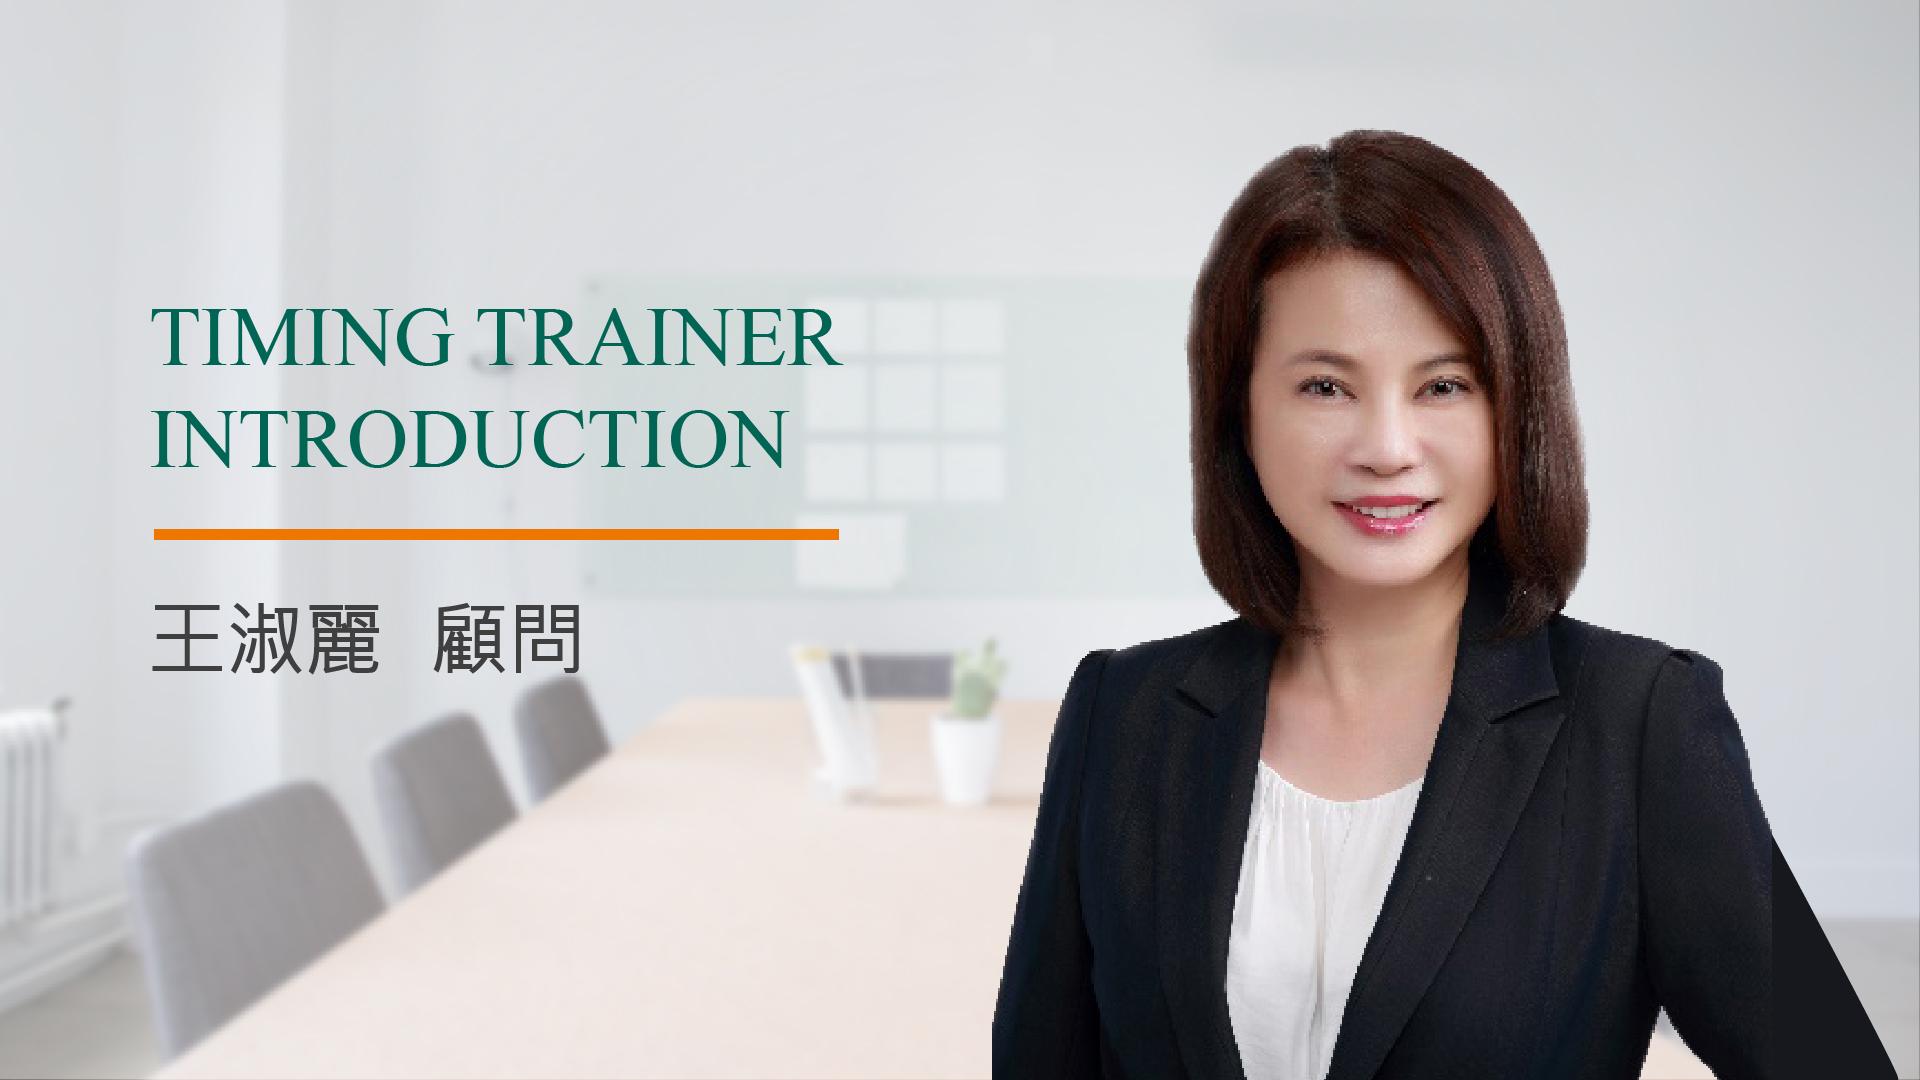 王淑麗老師介紹